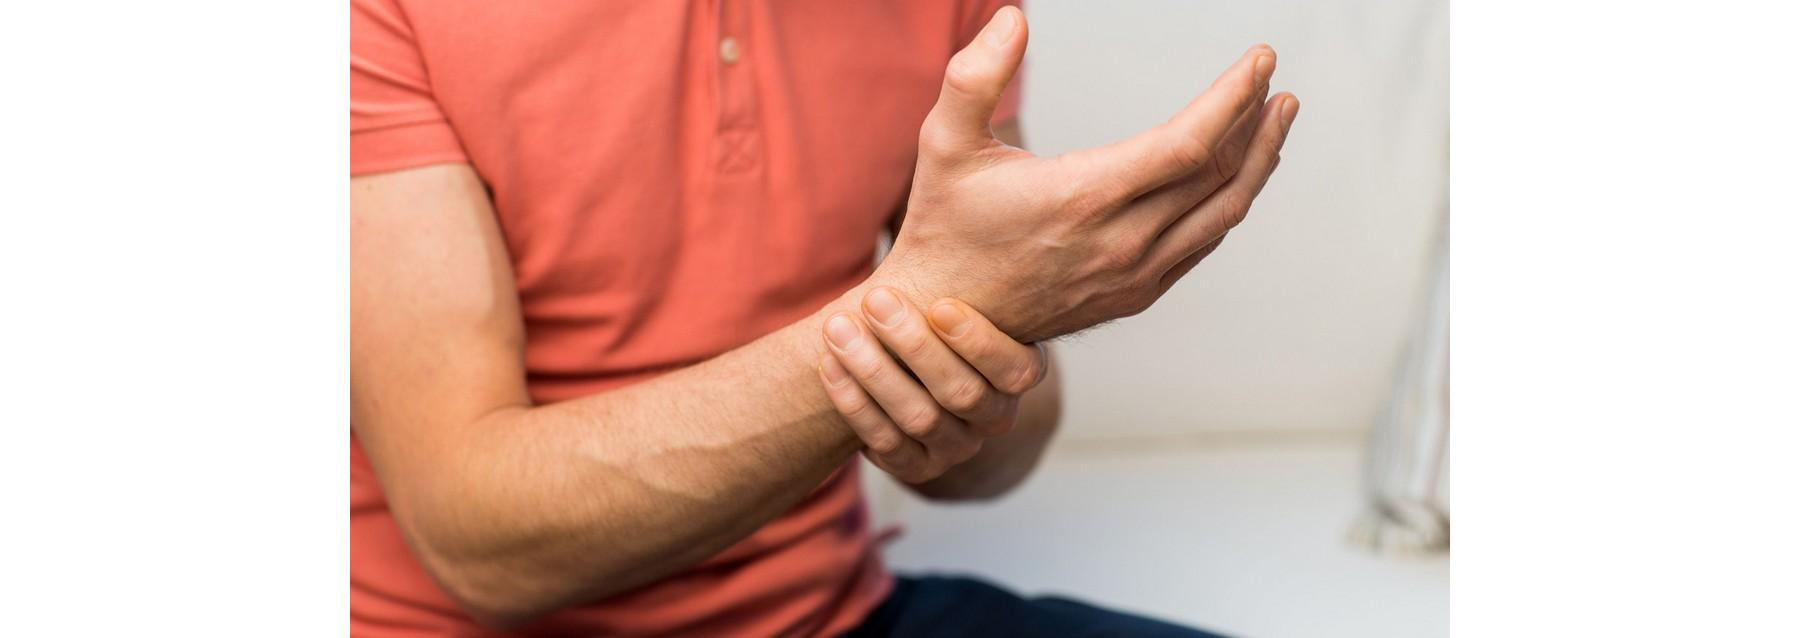 Les indications du Dr Clark lors de douleurs inflammatoires ...